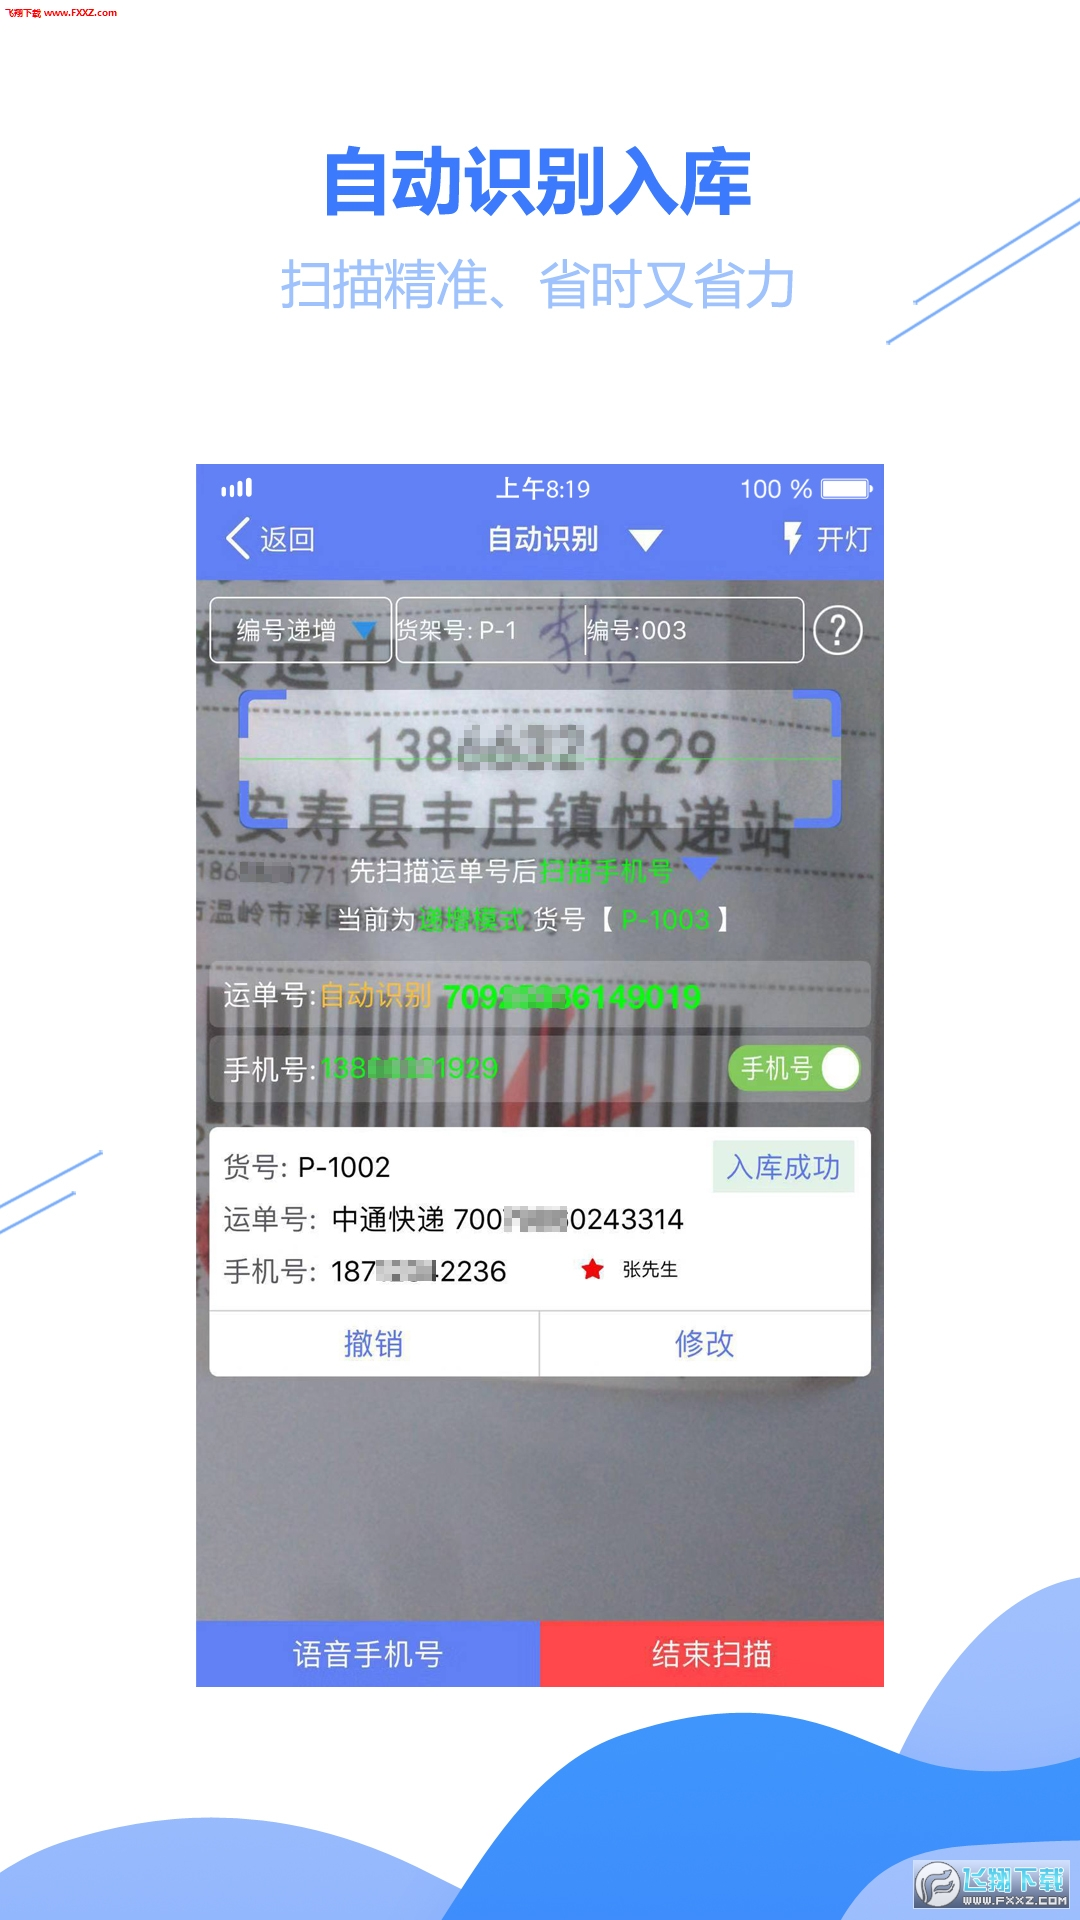 驿站小扁担app安卓版1.0.0截图3